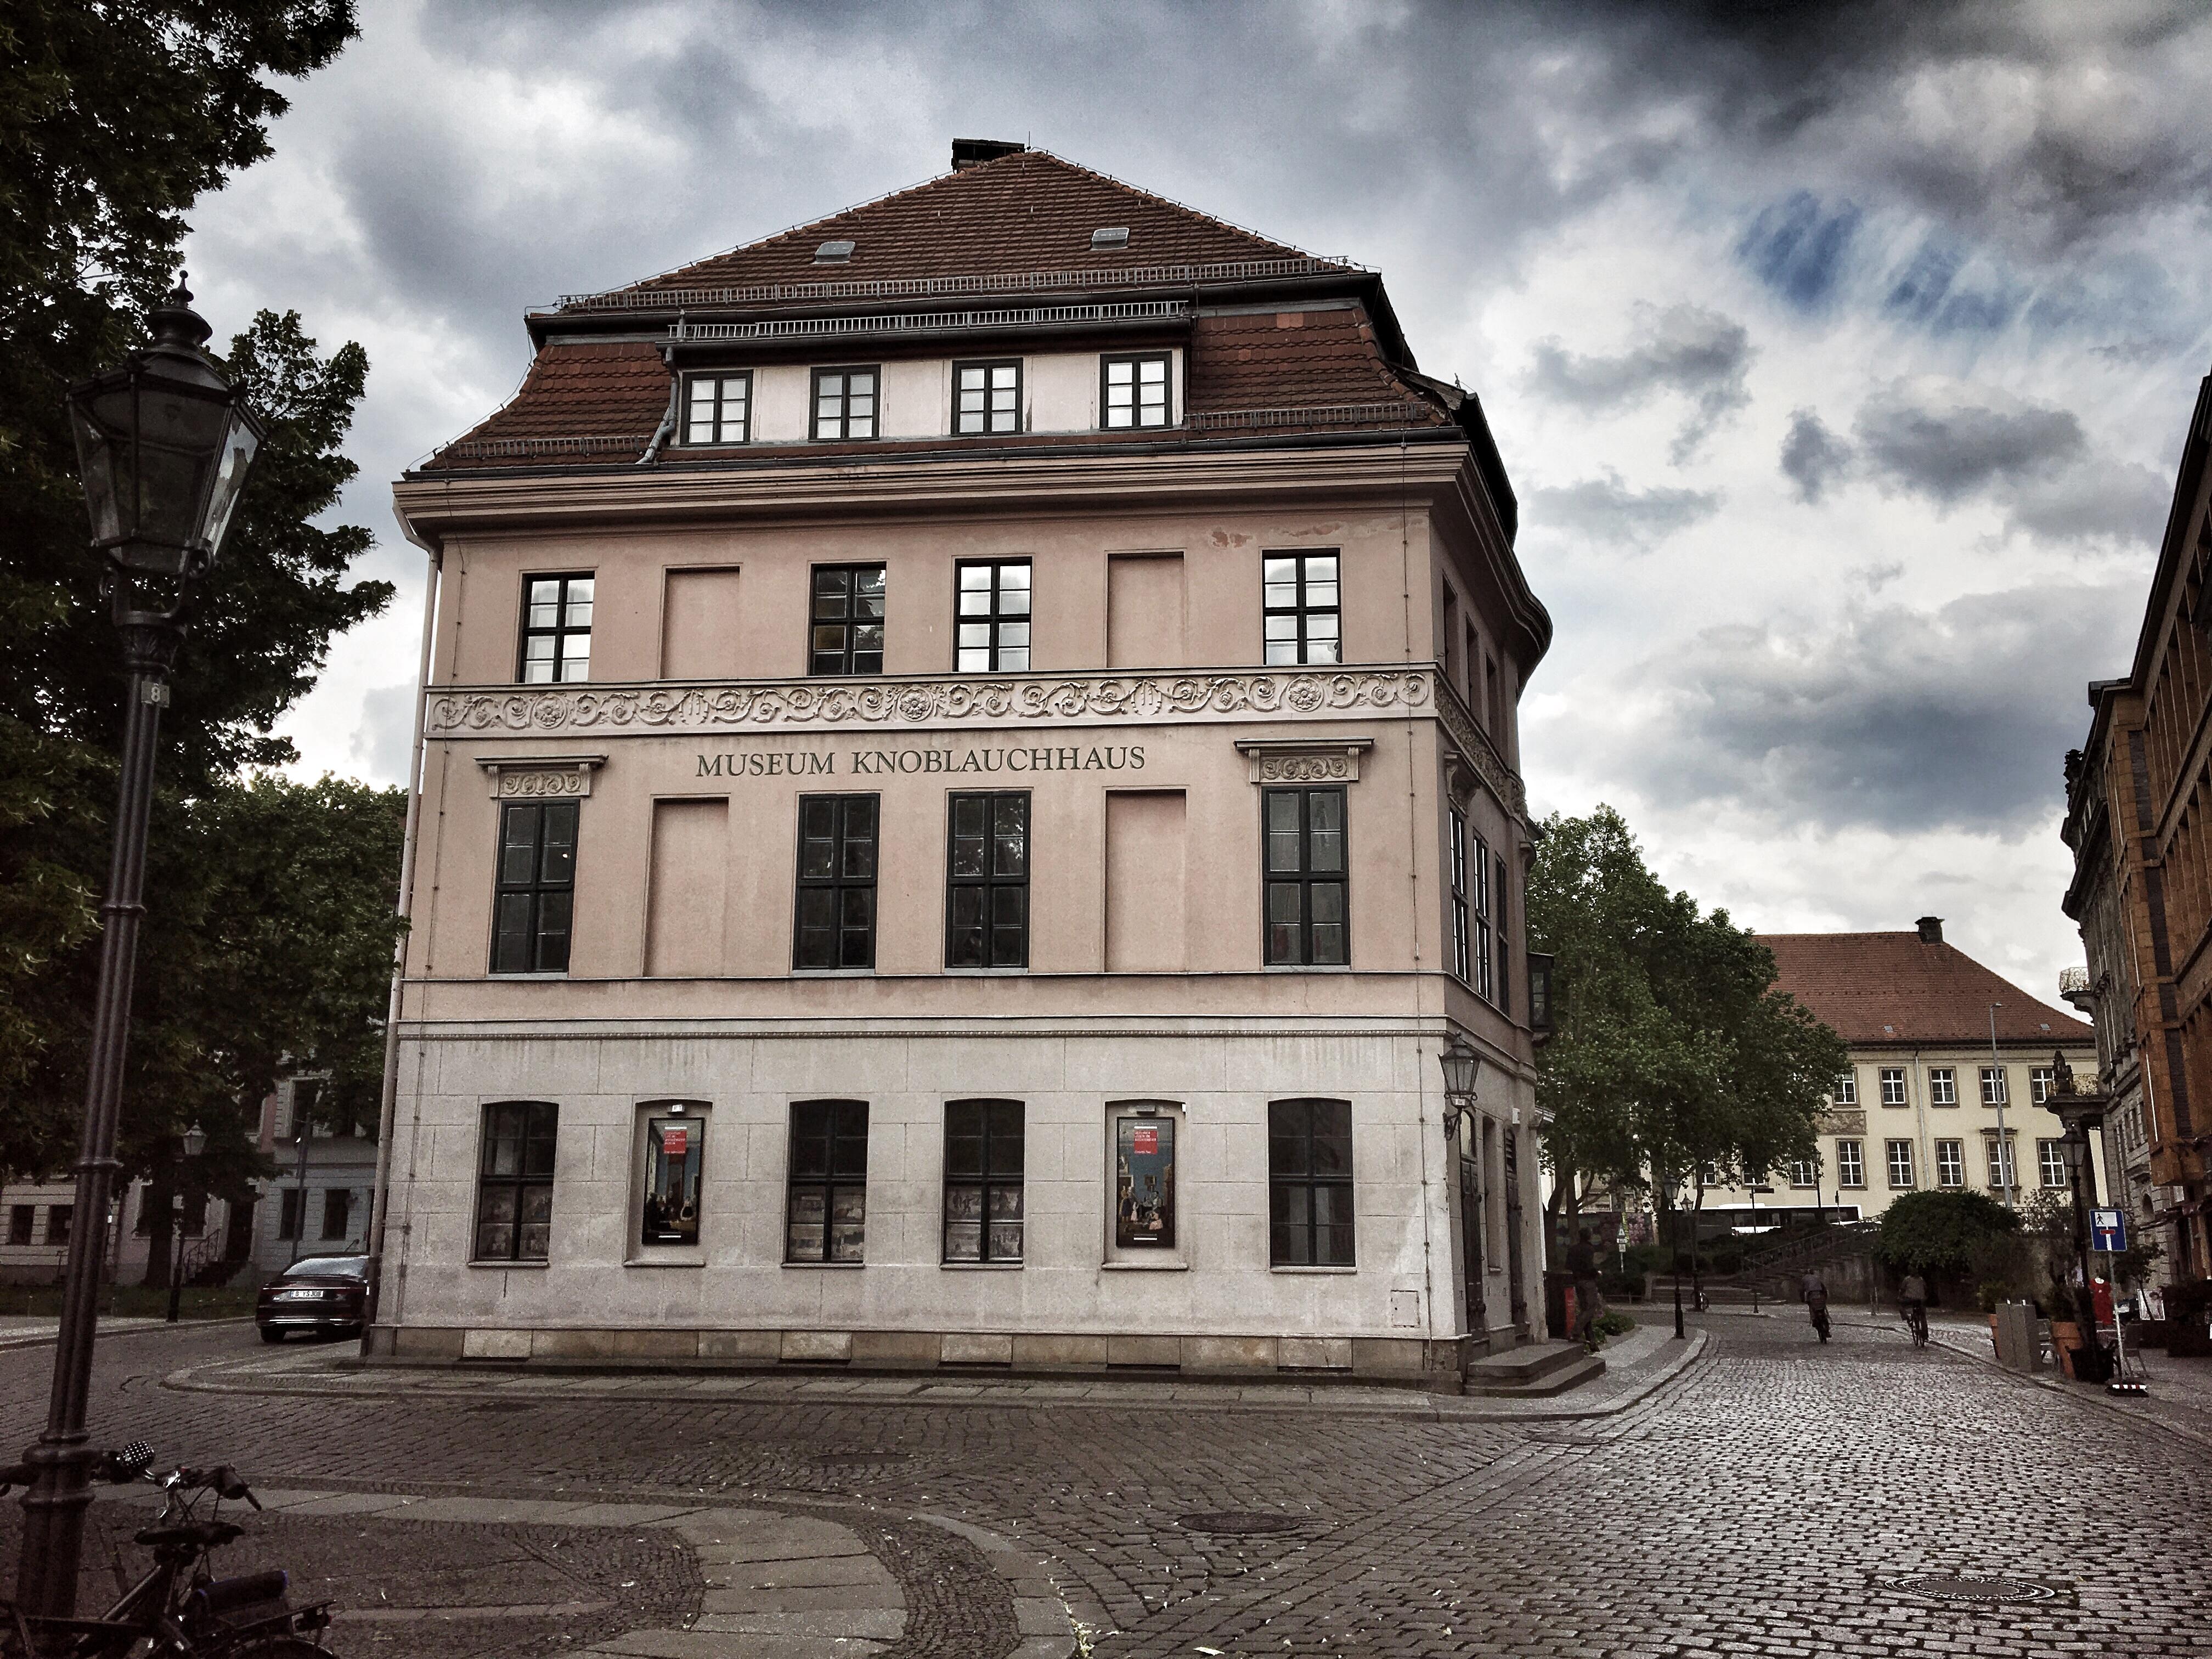 Museum Knoblauchhaus Nikolaiviertel